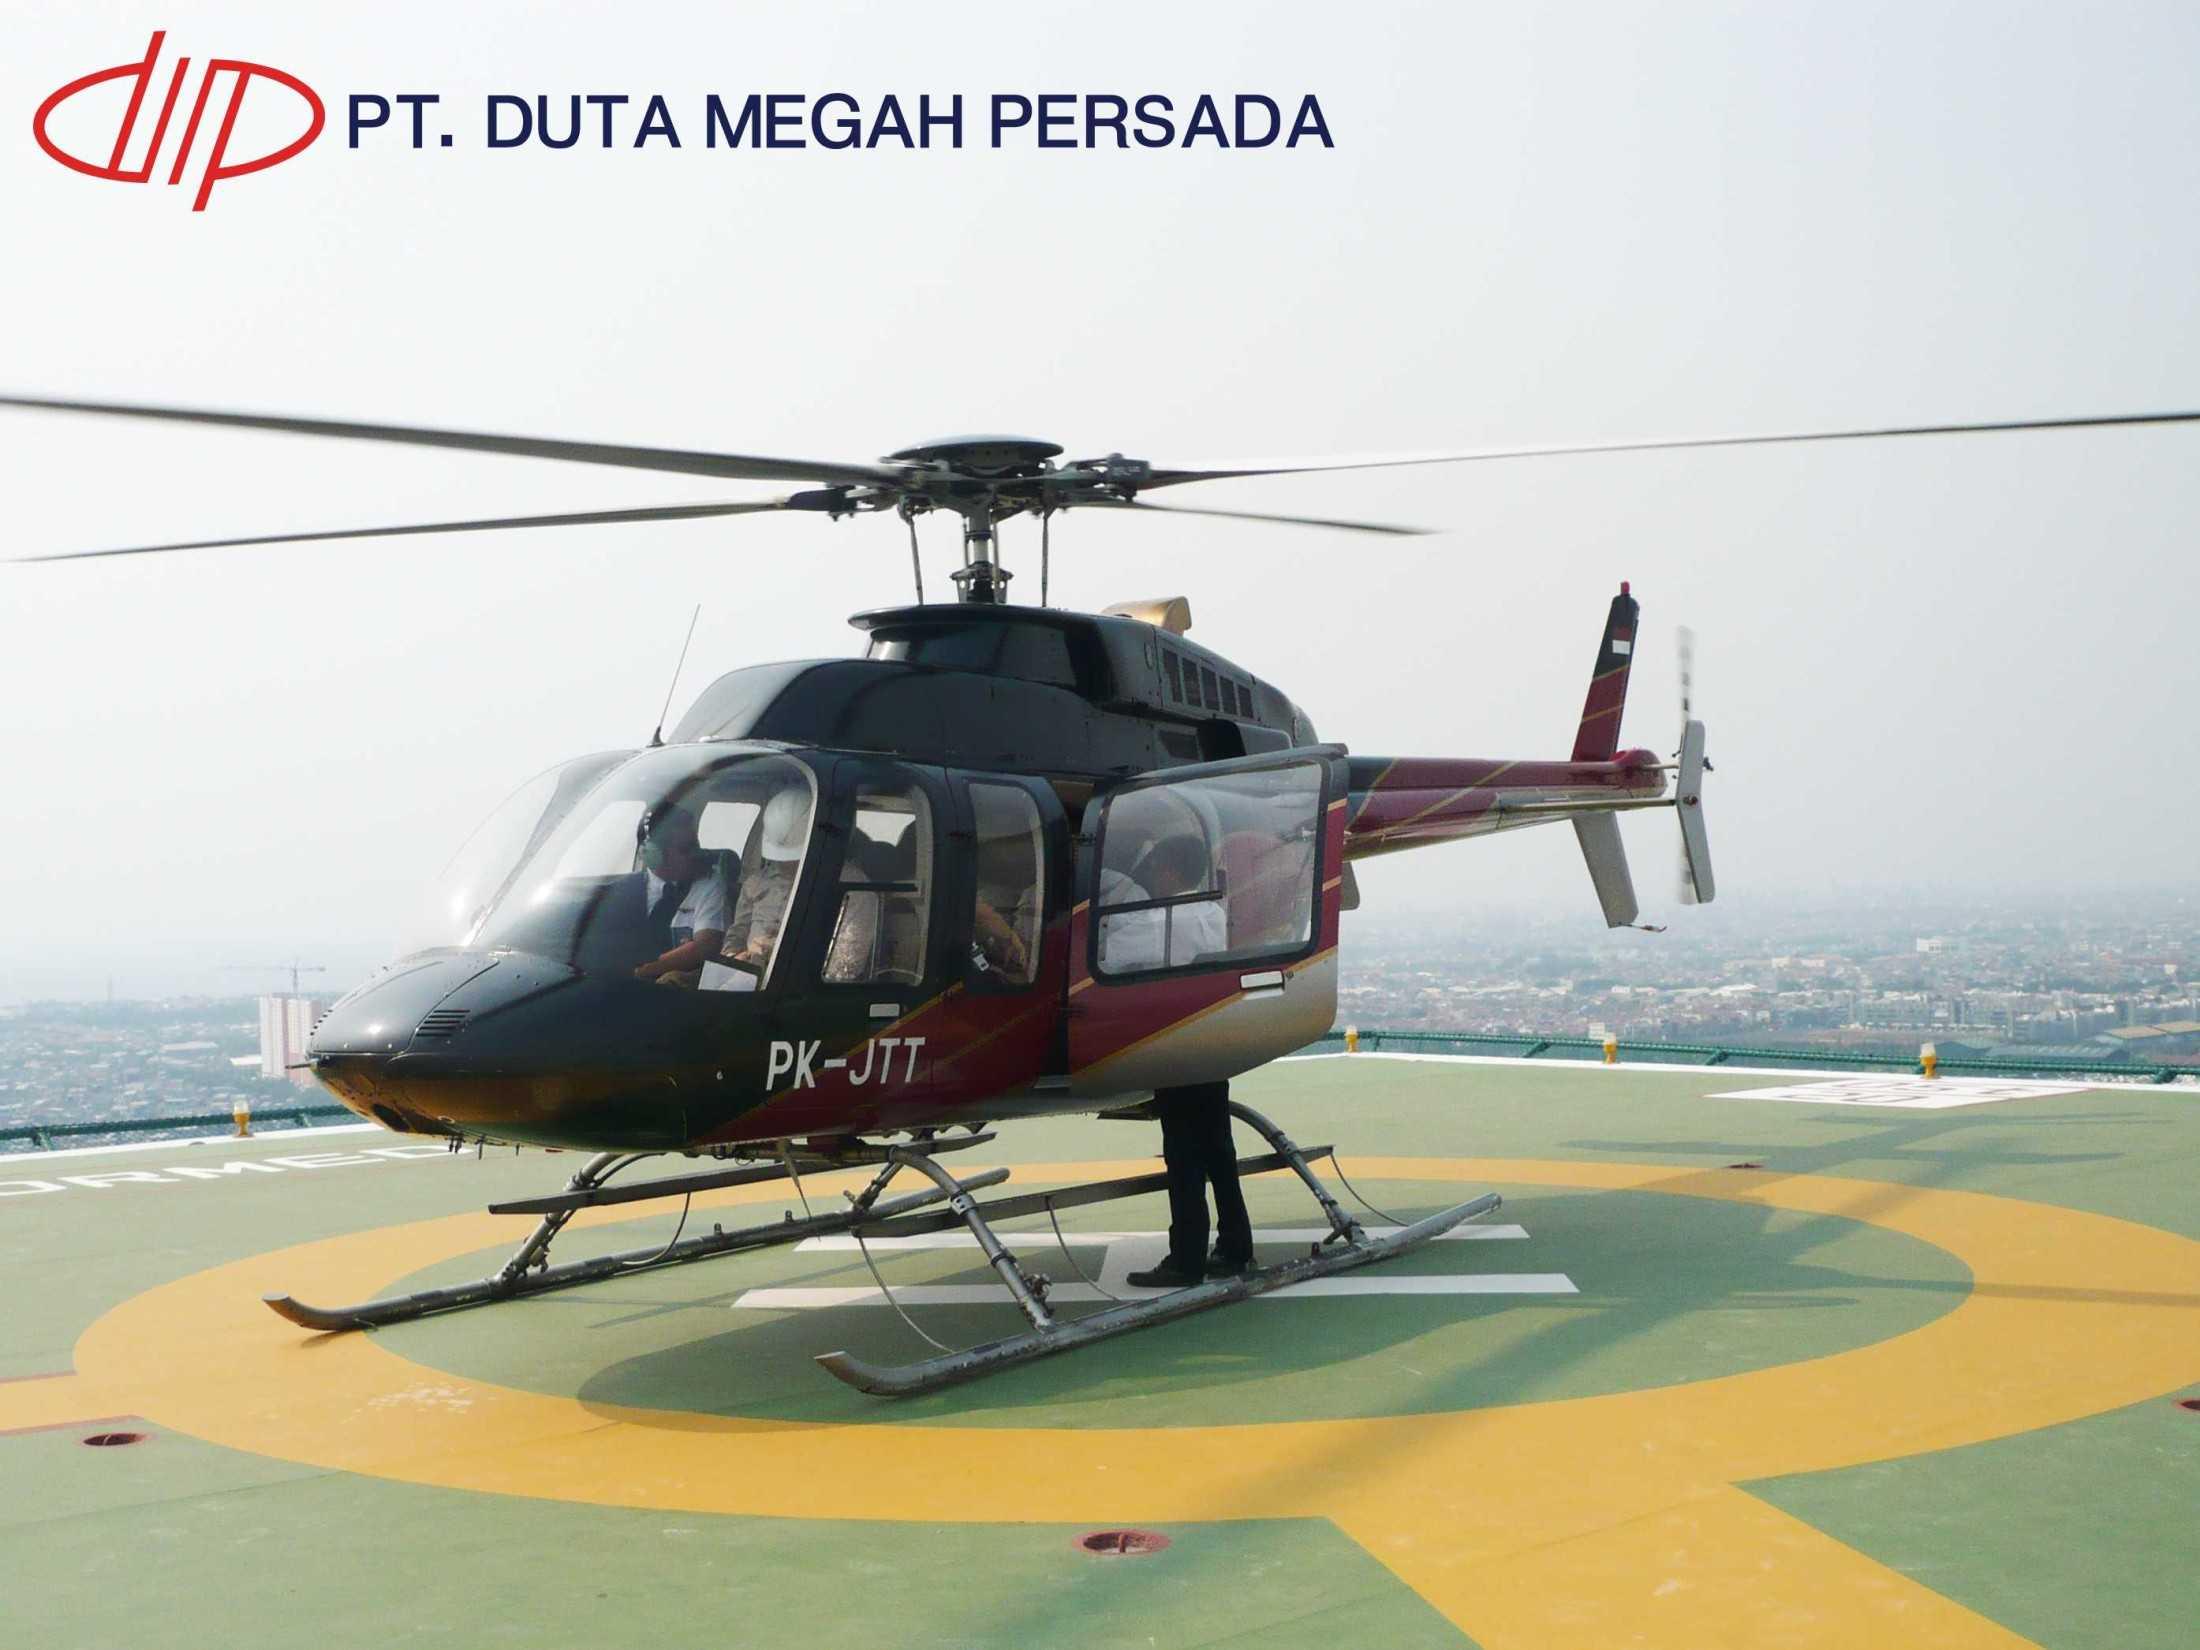 Pt. Duta Megah Persada Landasan Helikopter / Helipad Jakarta, Daerah Khusus Ibukota Jakarta, Indonesia Jakarta, Daerah Khusus Ibukota Jakarta, Indonesia Pt-Duta-Megah-Persada-Landasan-Helikopter-Helipad  102387